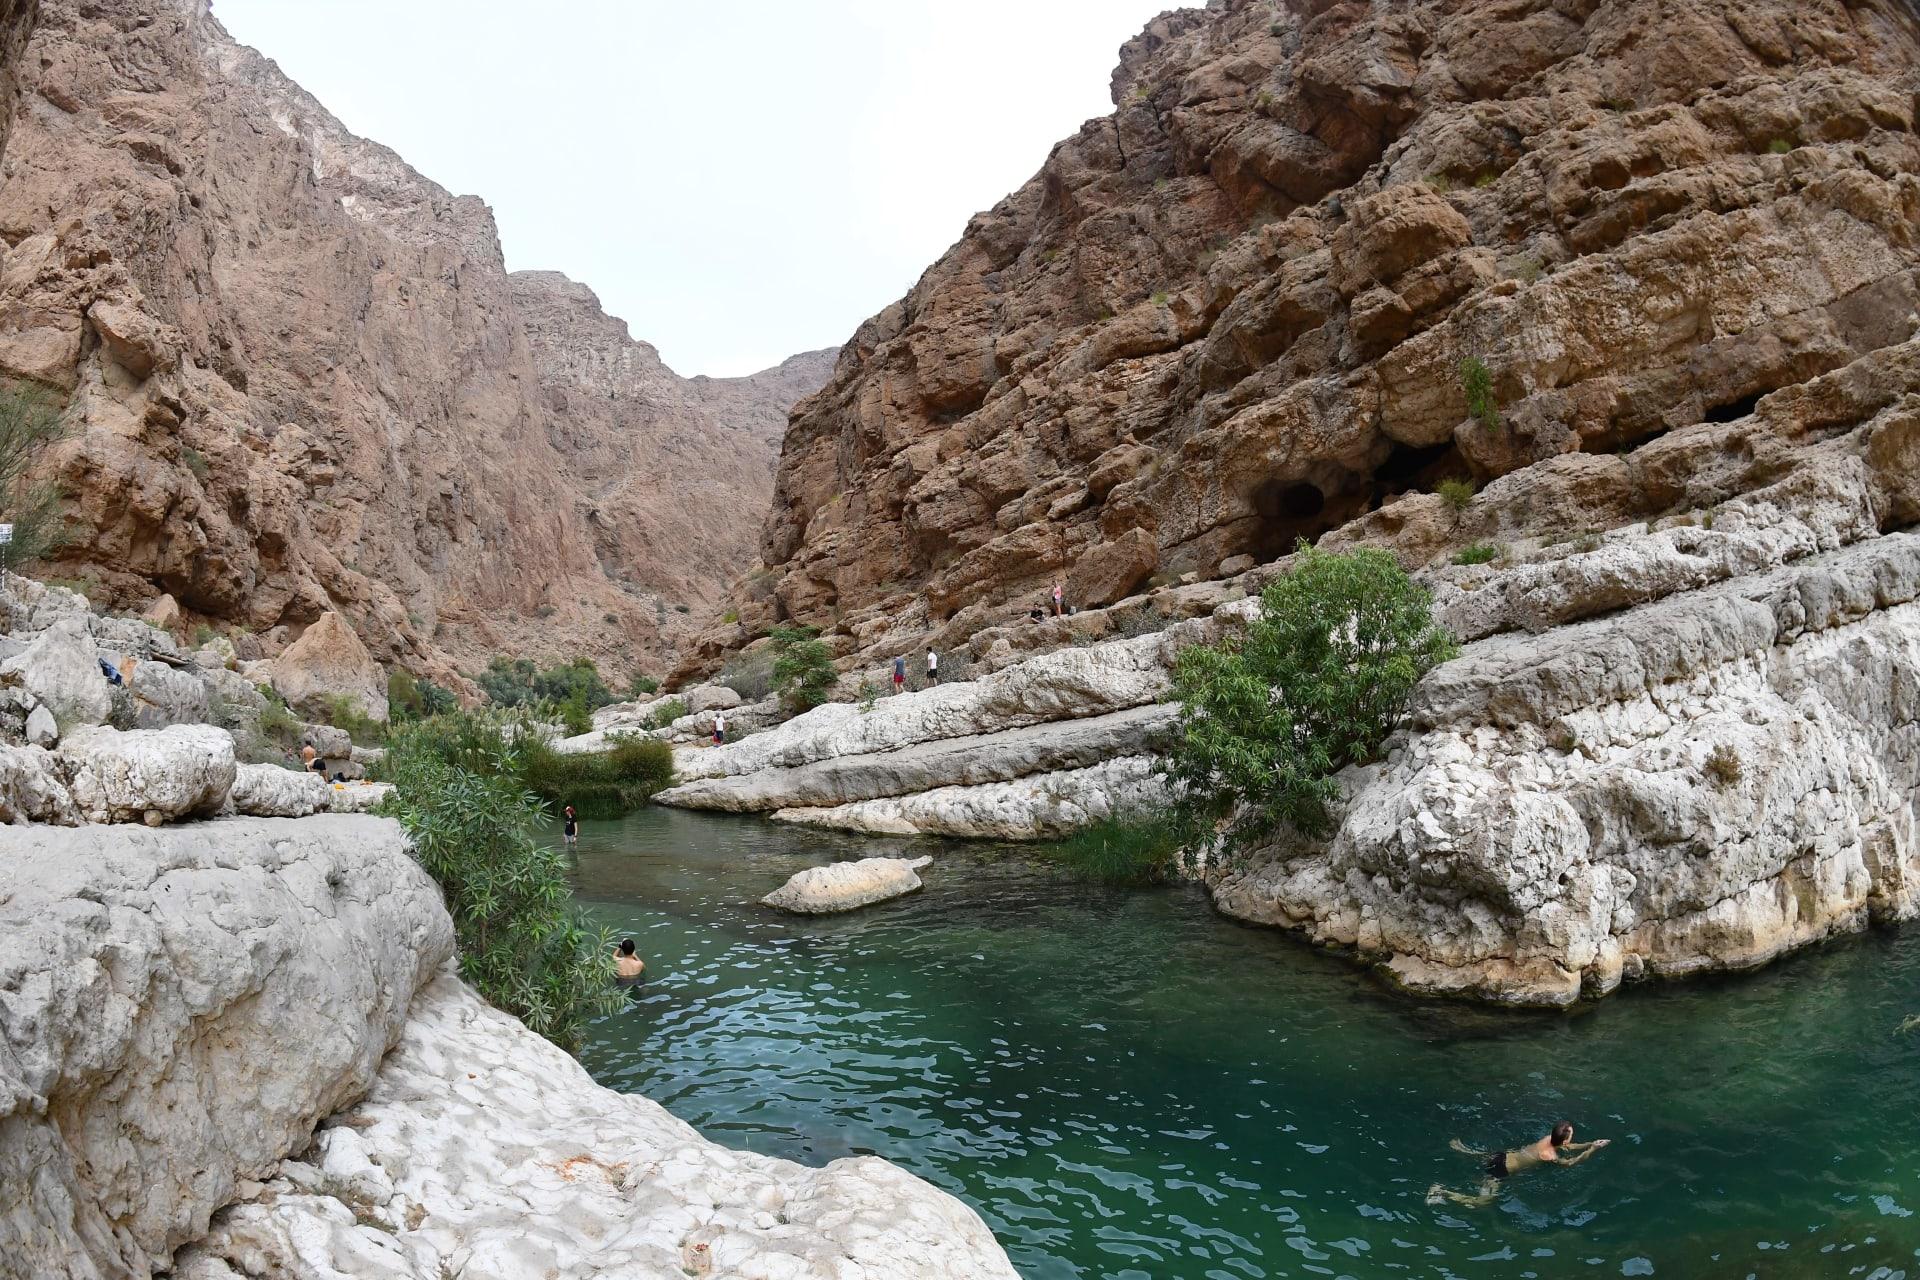 سلطنة عمان تخطط لاستثمار 49.5 مليار دولار في قطاع السياحة